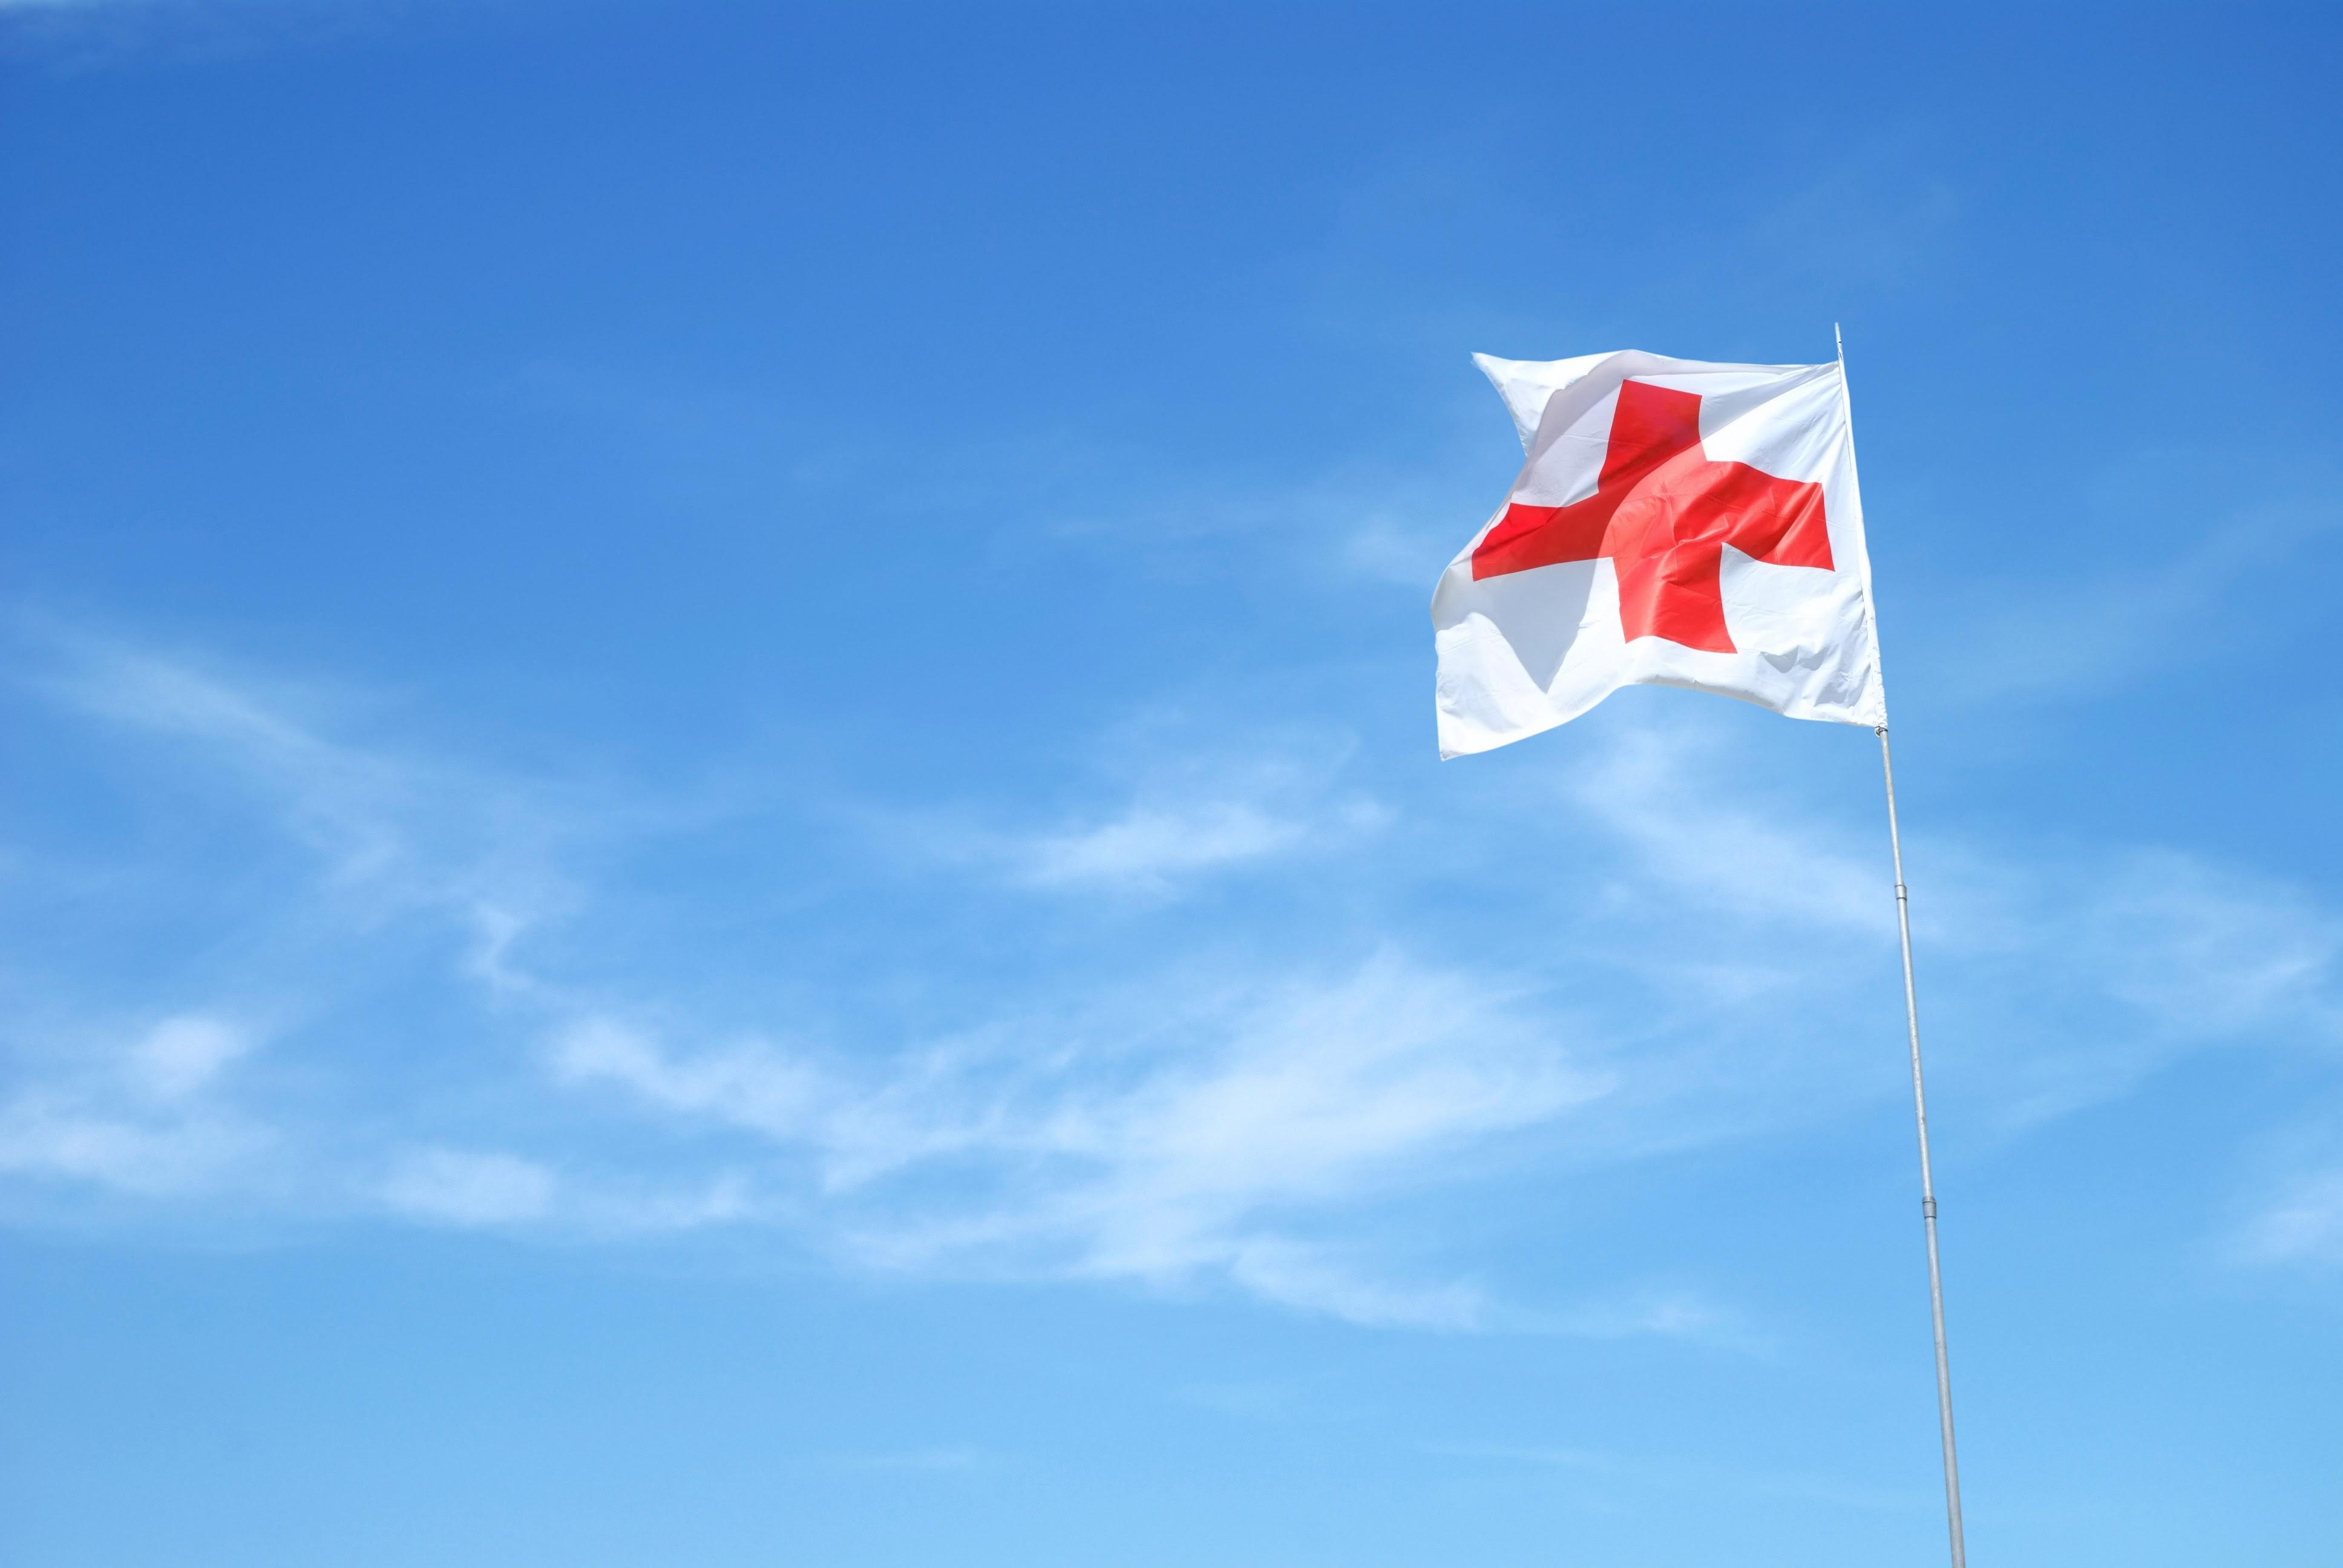 A propos de la Croix-Rouge